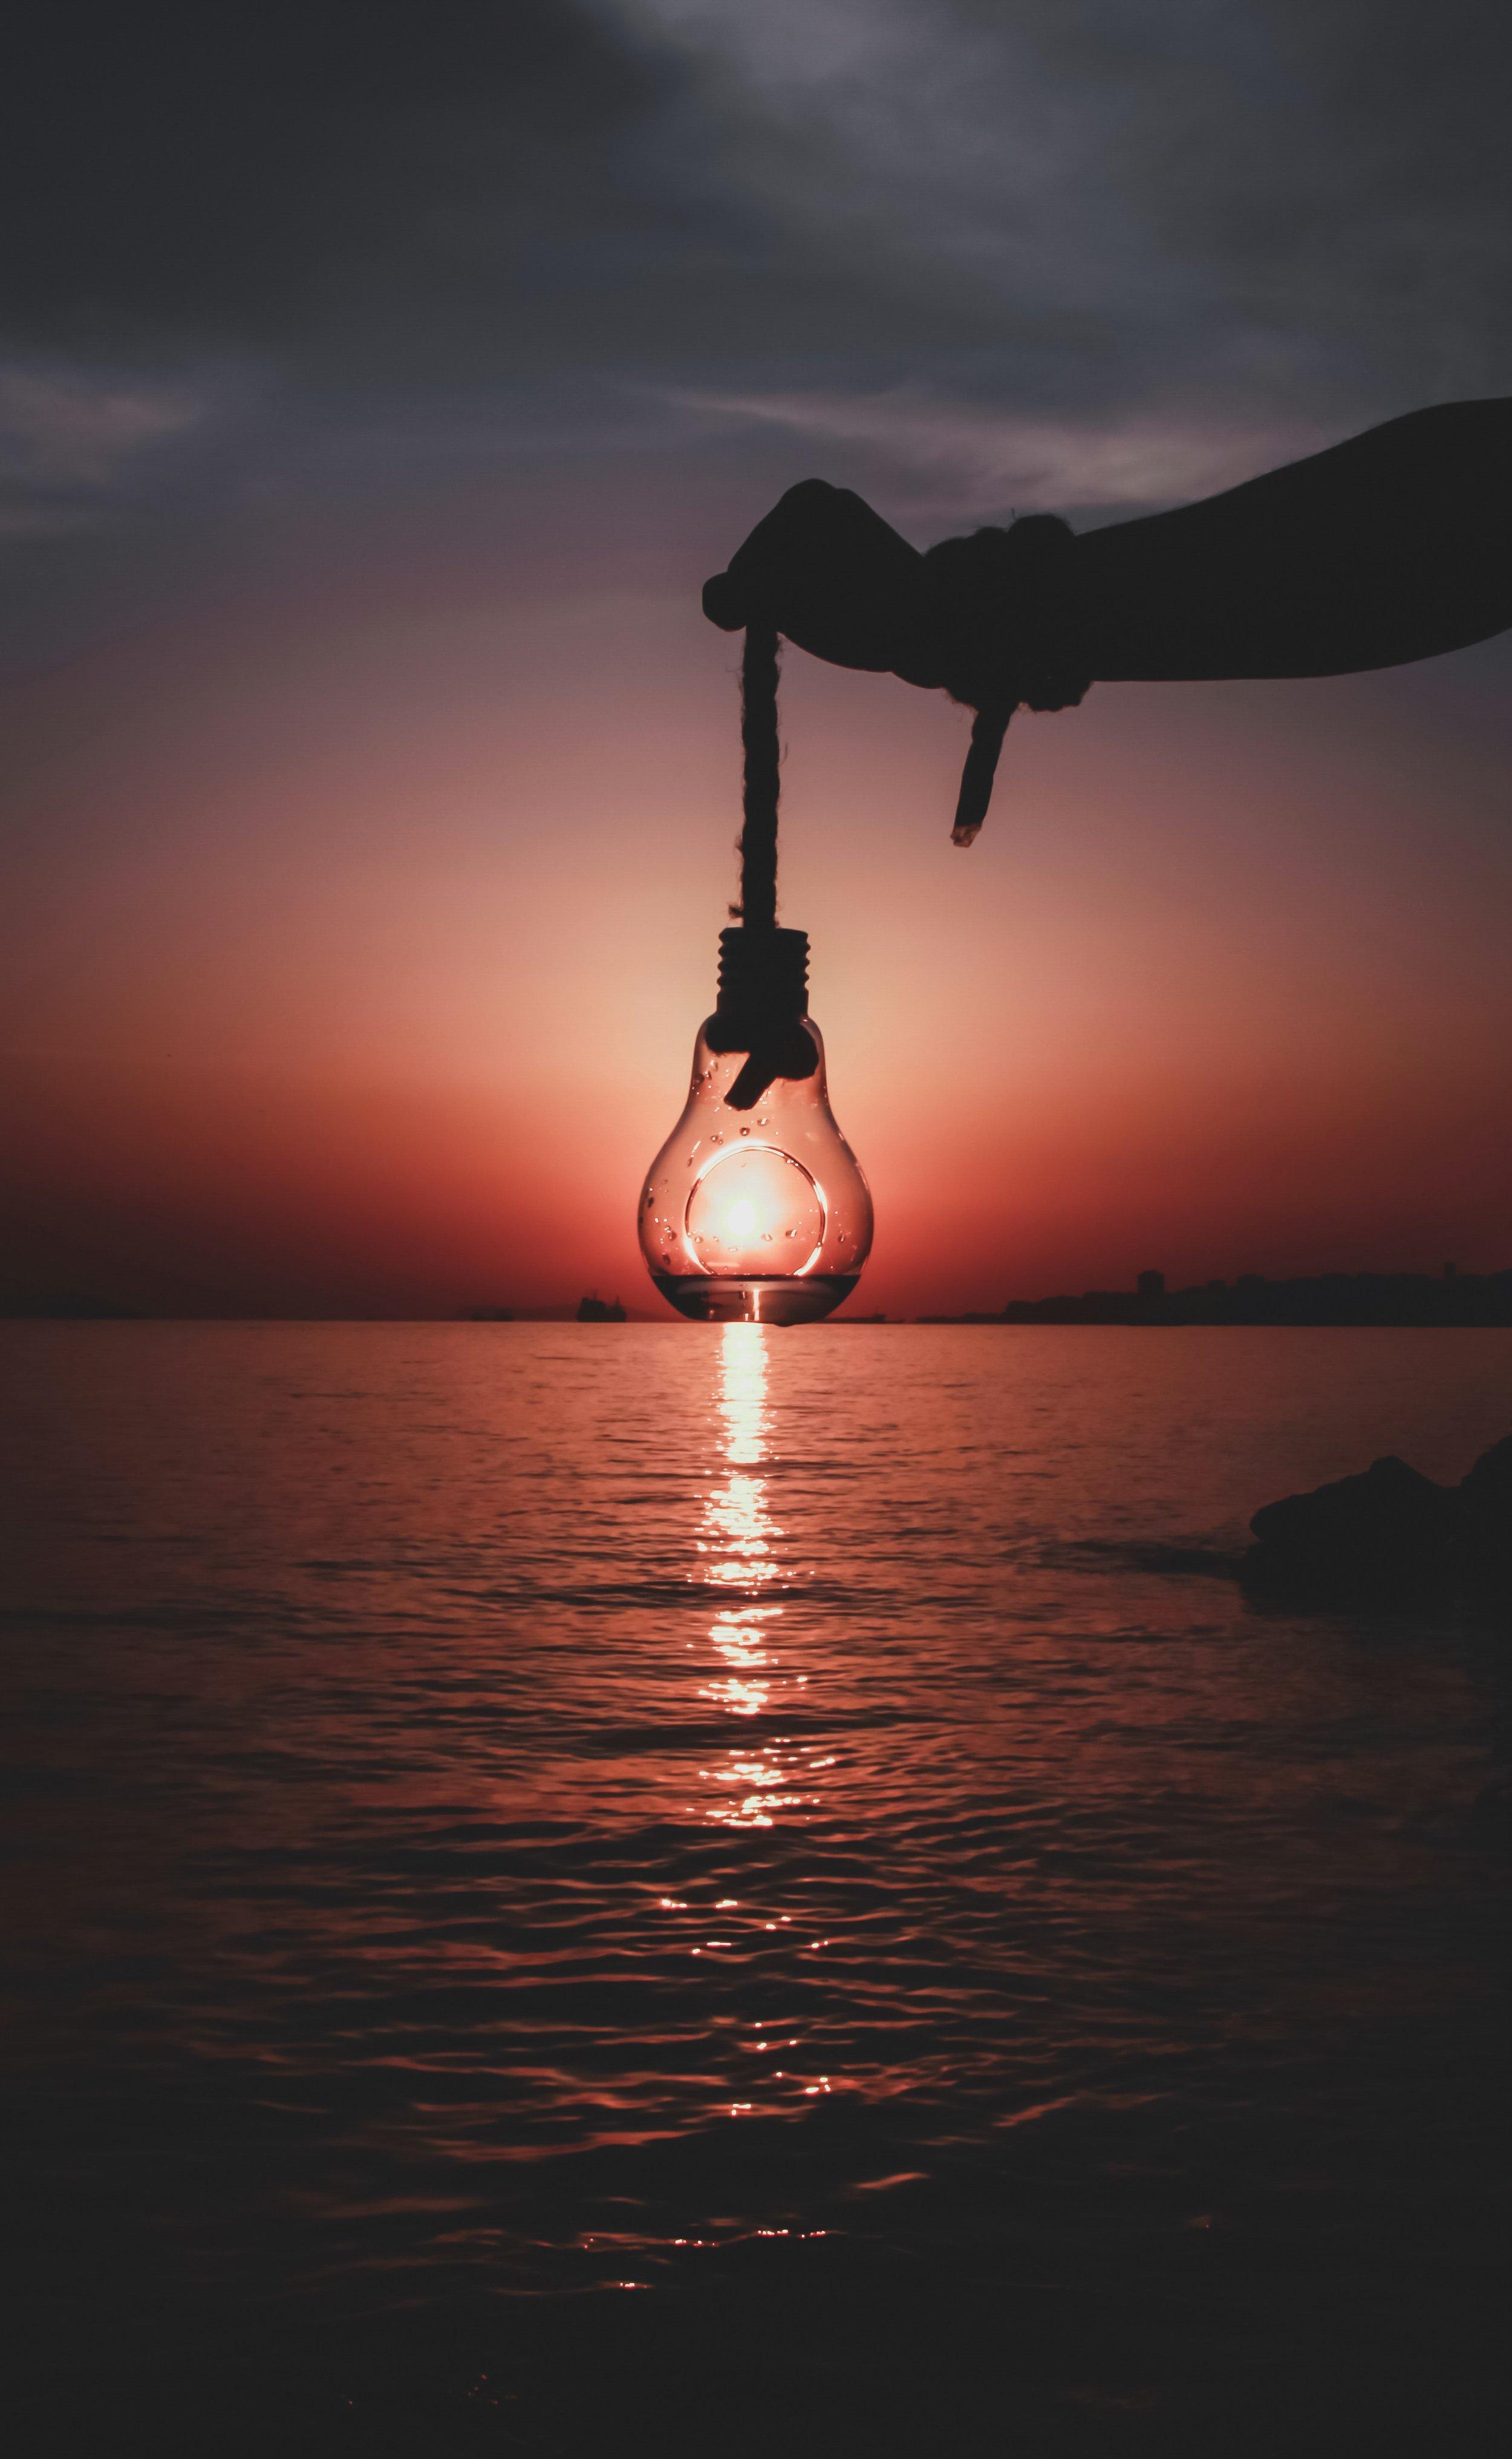 lightbulb-sun.jpg